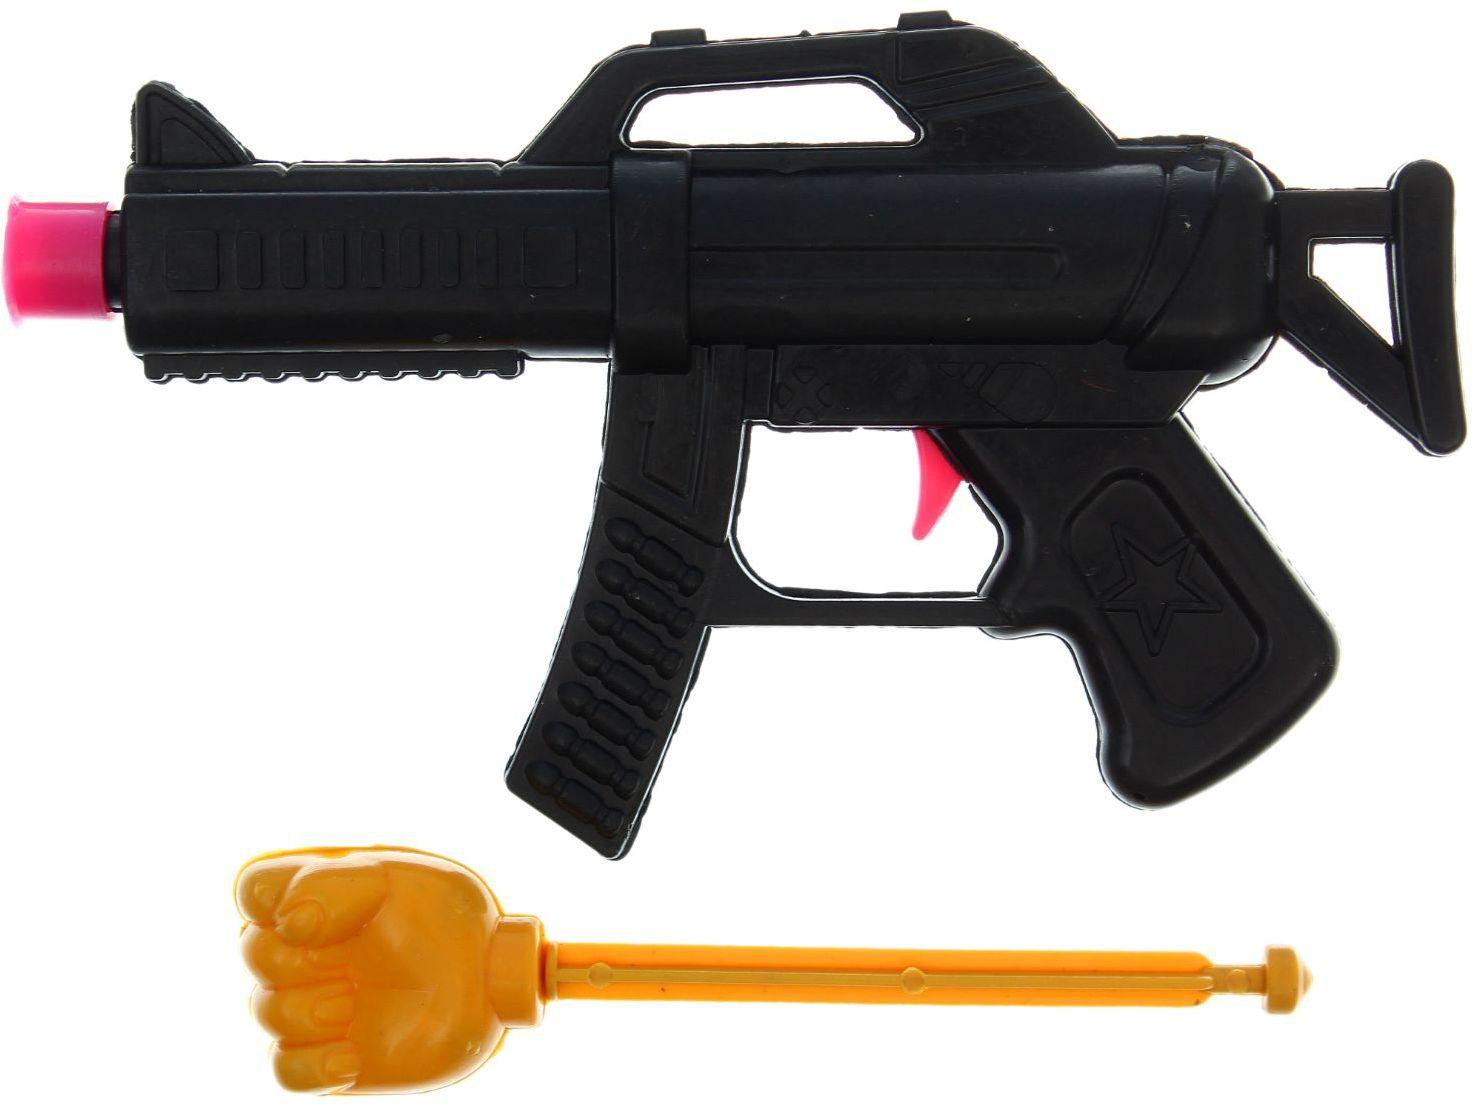 Sima-land Стрелялка Автомат 1640263, Развлекательные игрушки  - купить со скидкой